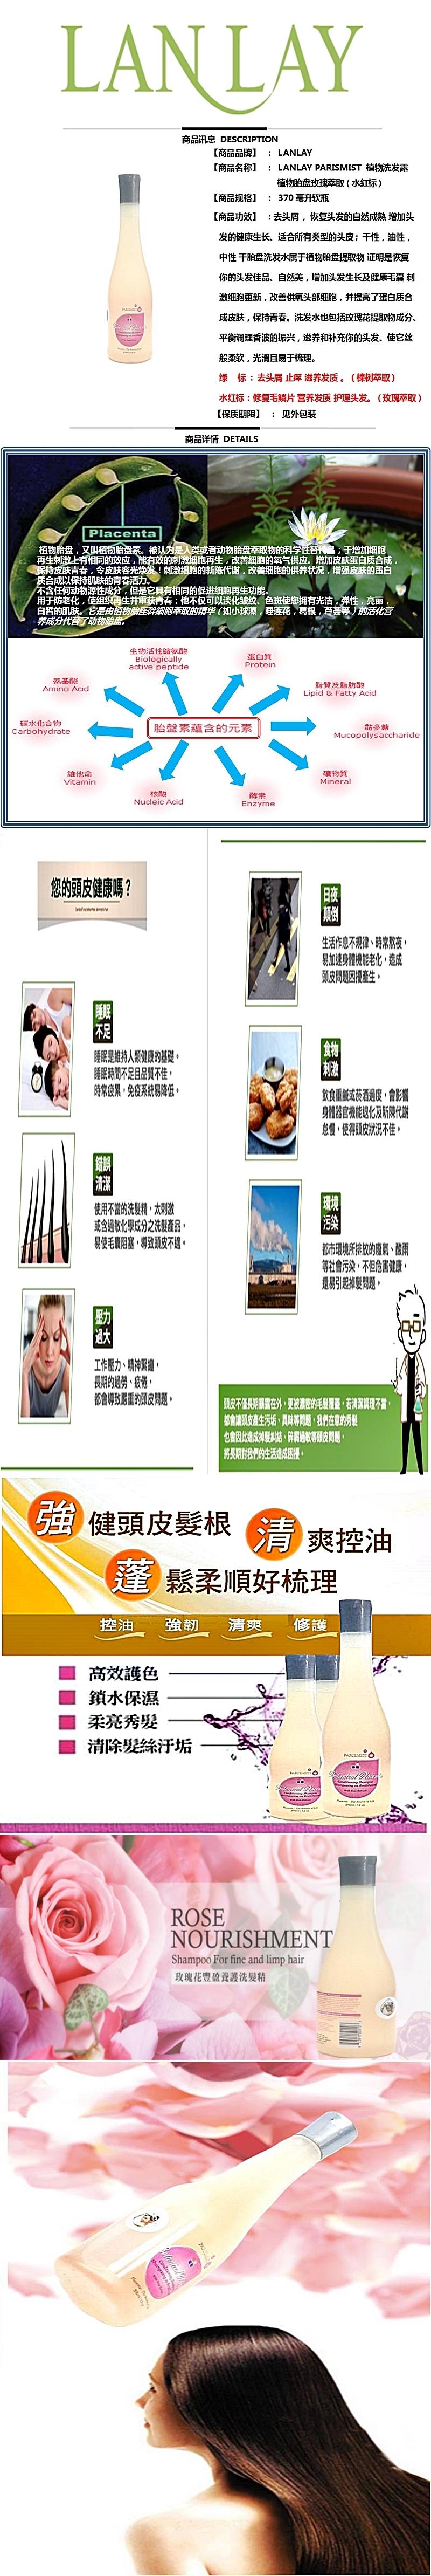 1necs014580new-vert.jpg